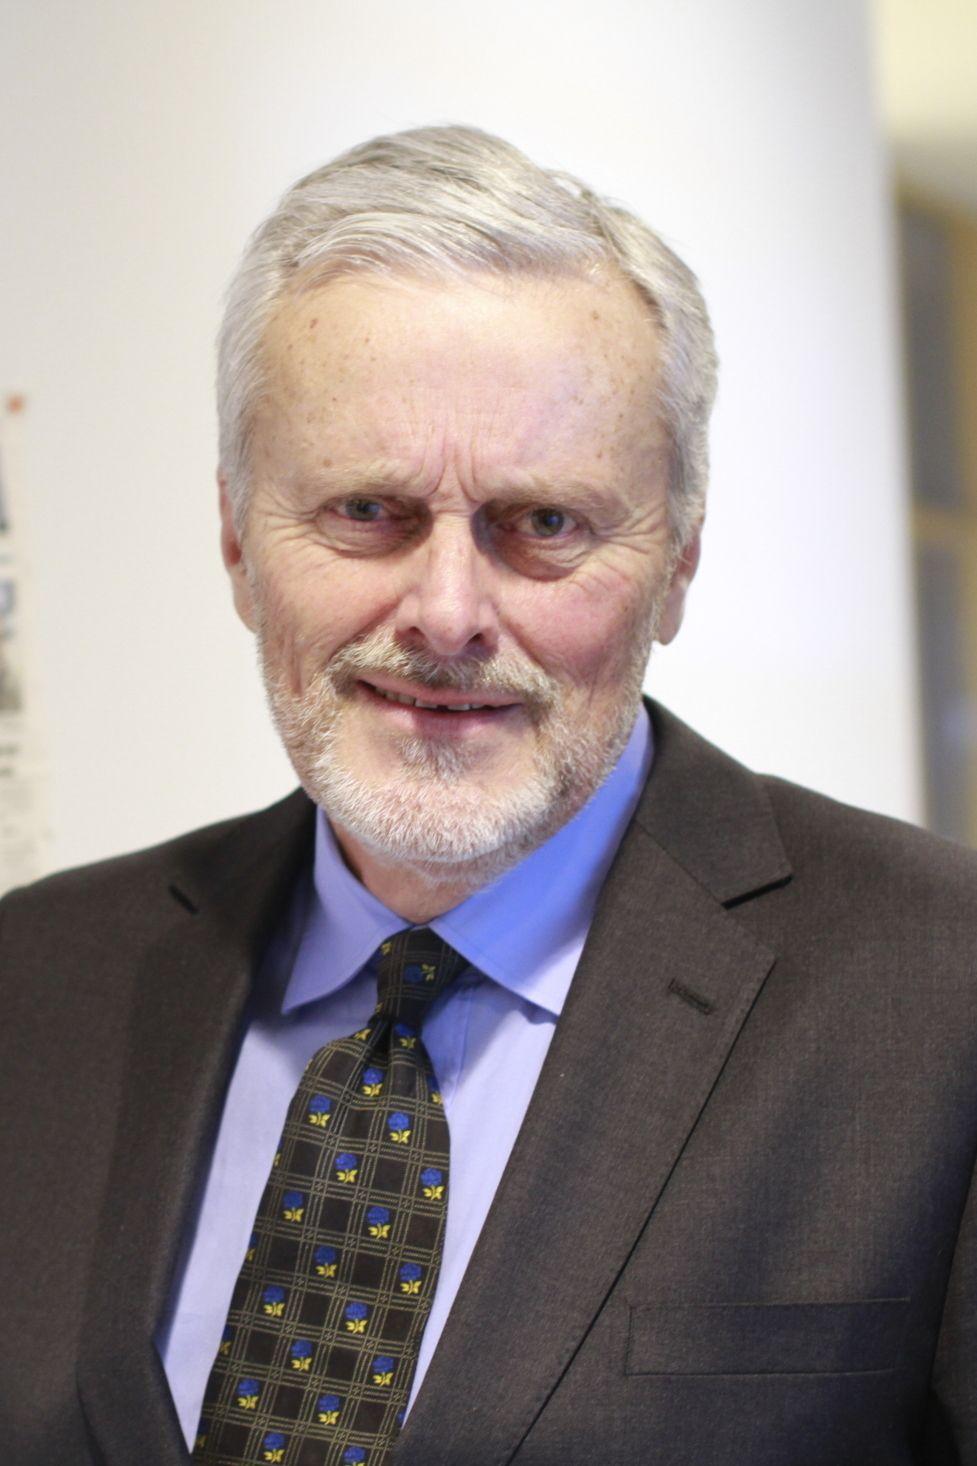 Dagligvareekspert Odd Gisholt, som nå har gått av med pensjon fra Handelshøyskolen BI.